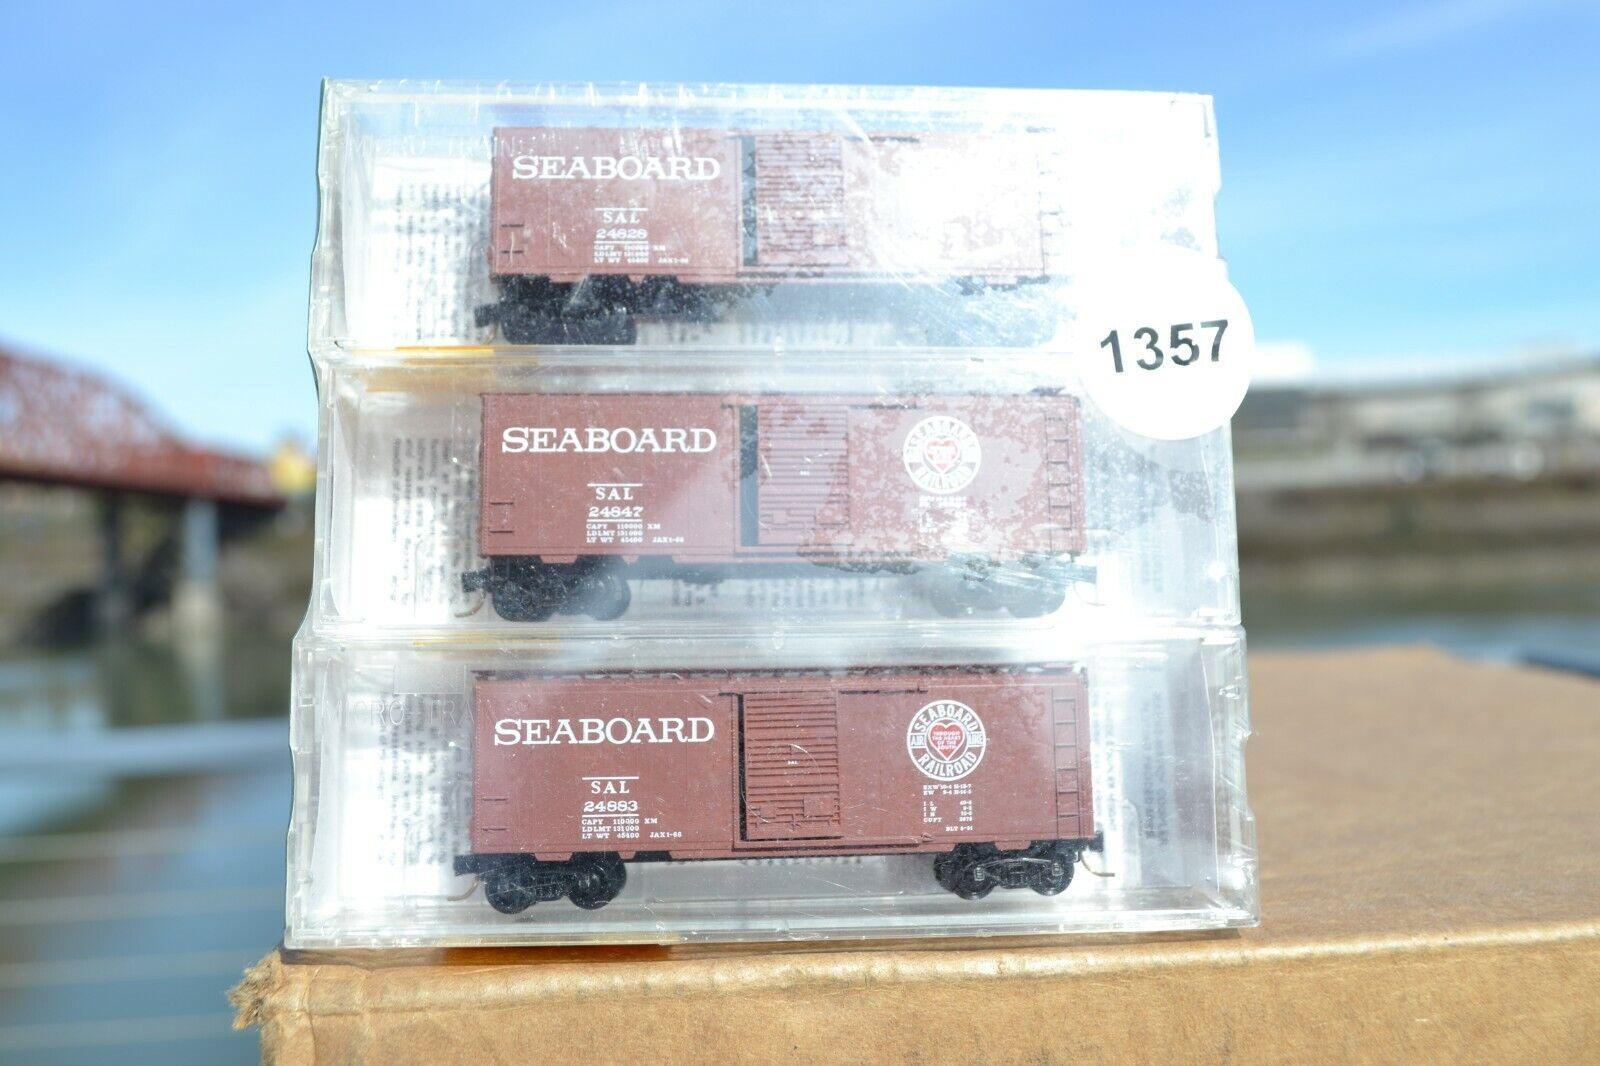 Microi treni Seatavola sea 3 imballaggio scatola autos air line